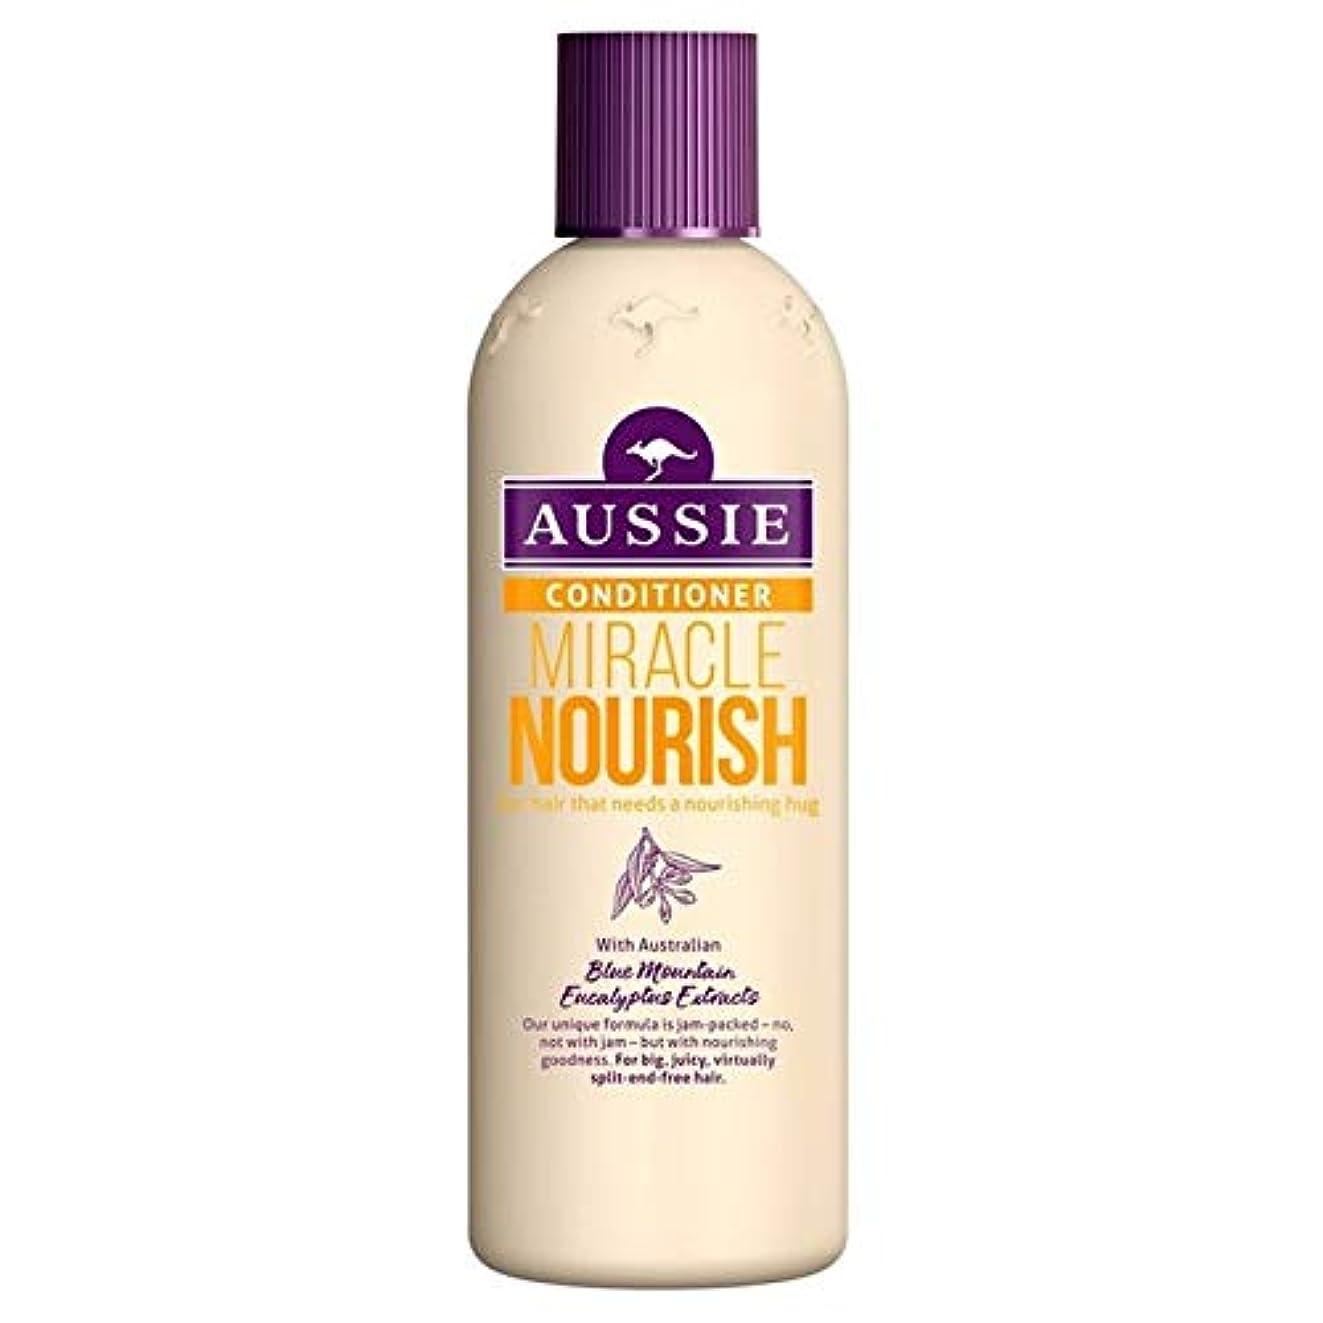 時長方形無効[Aussie ] オーストラリアの奇跡ナリッシュコンディショナー250ミリリットル - Aussie Miracle Nourish Conditioner 250ml [並行輸入品]